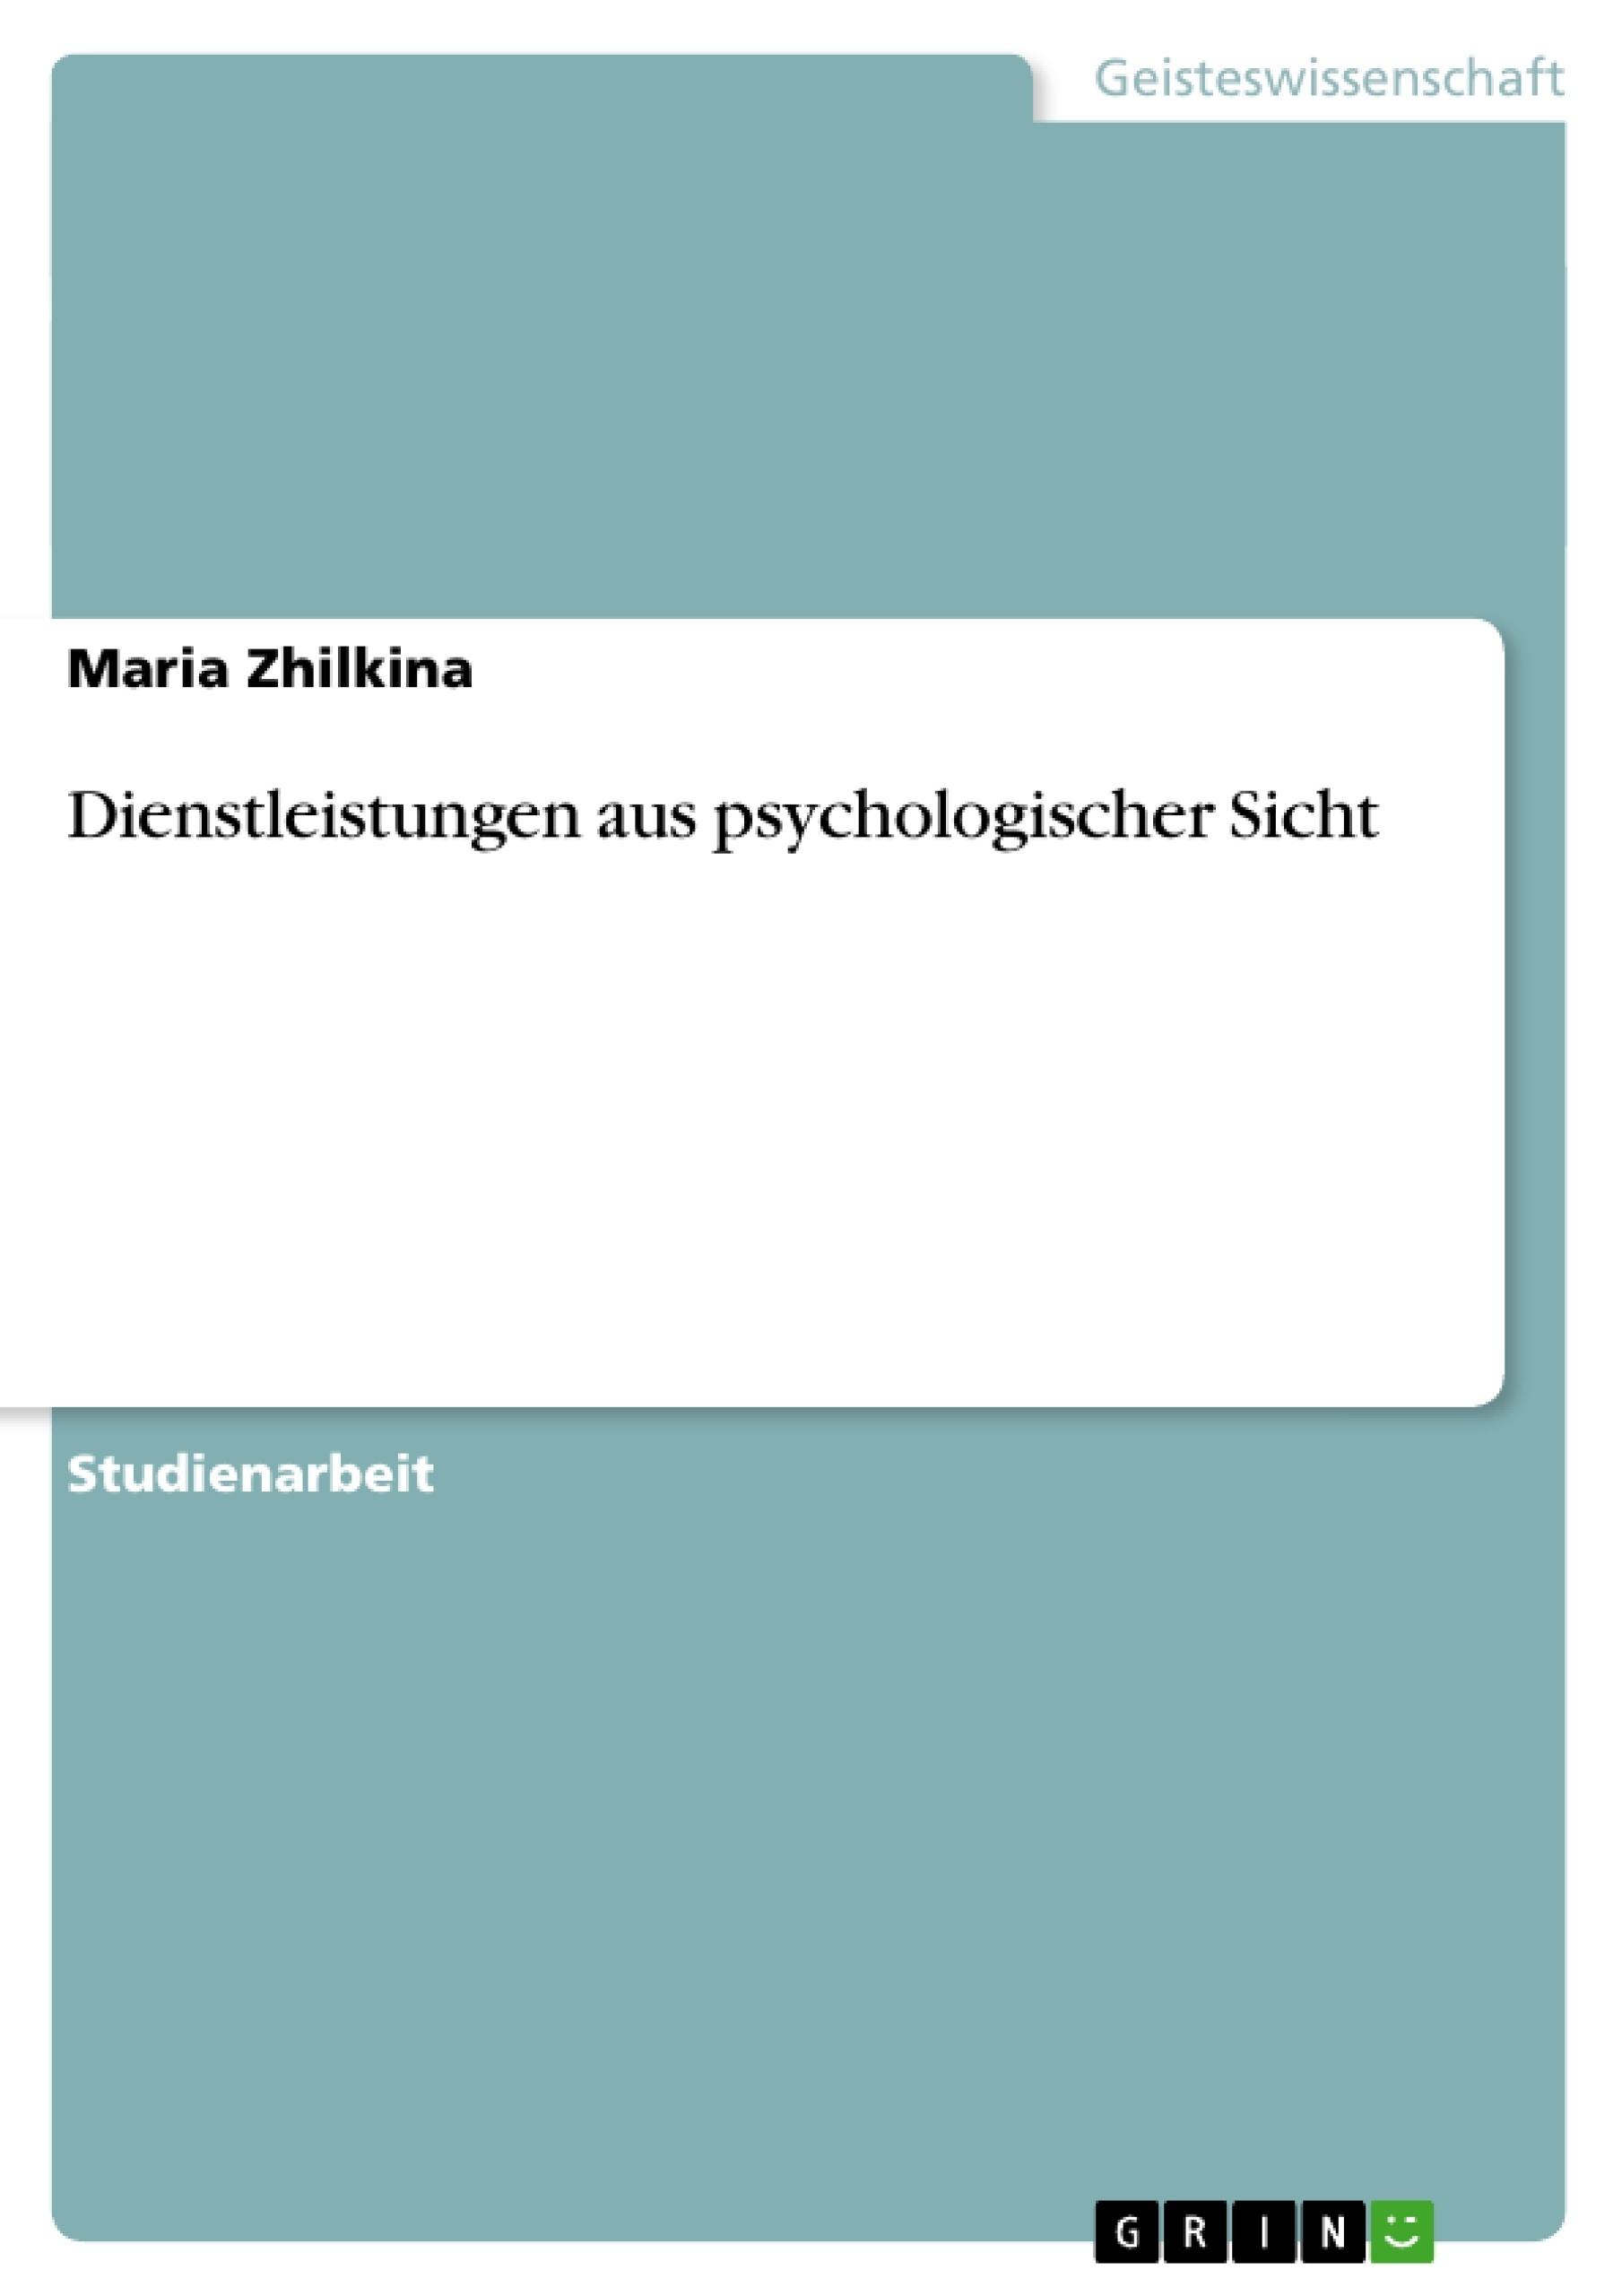 Titel: Dienstleistungen aus psychologischer Sicht